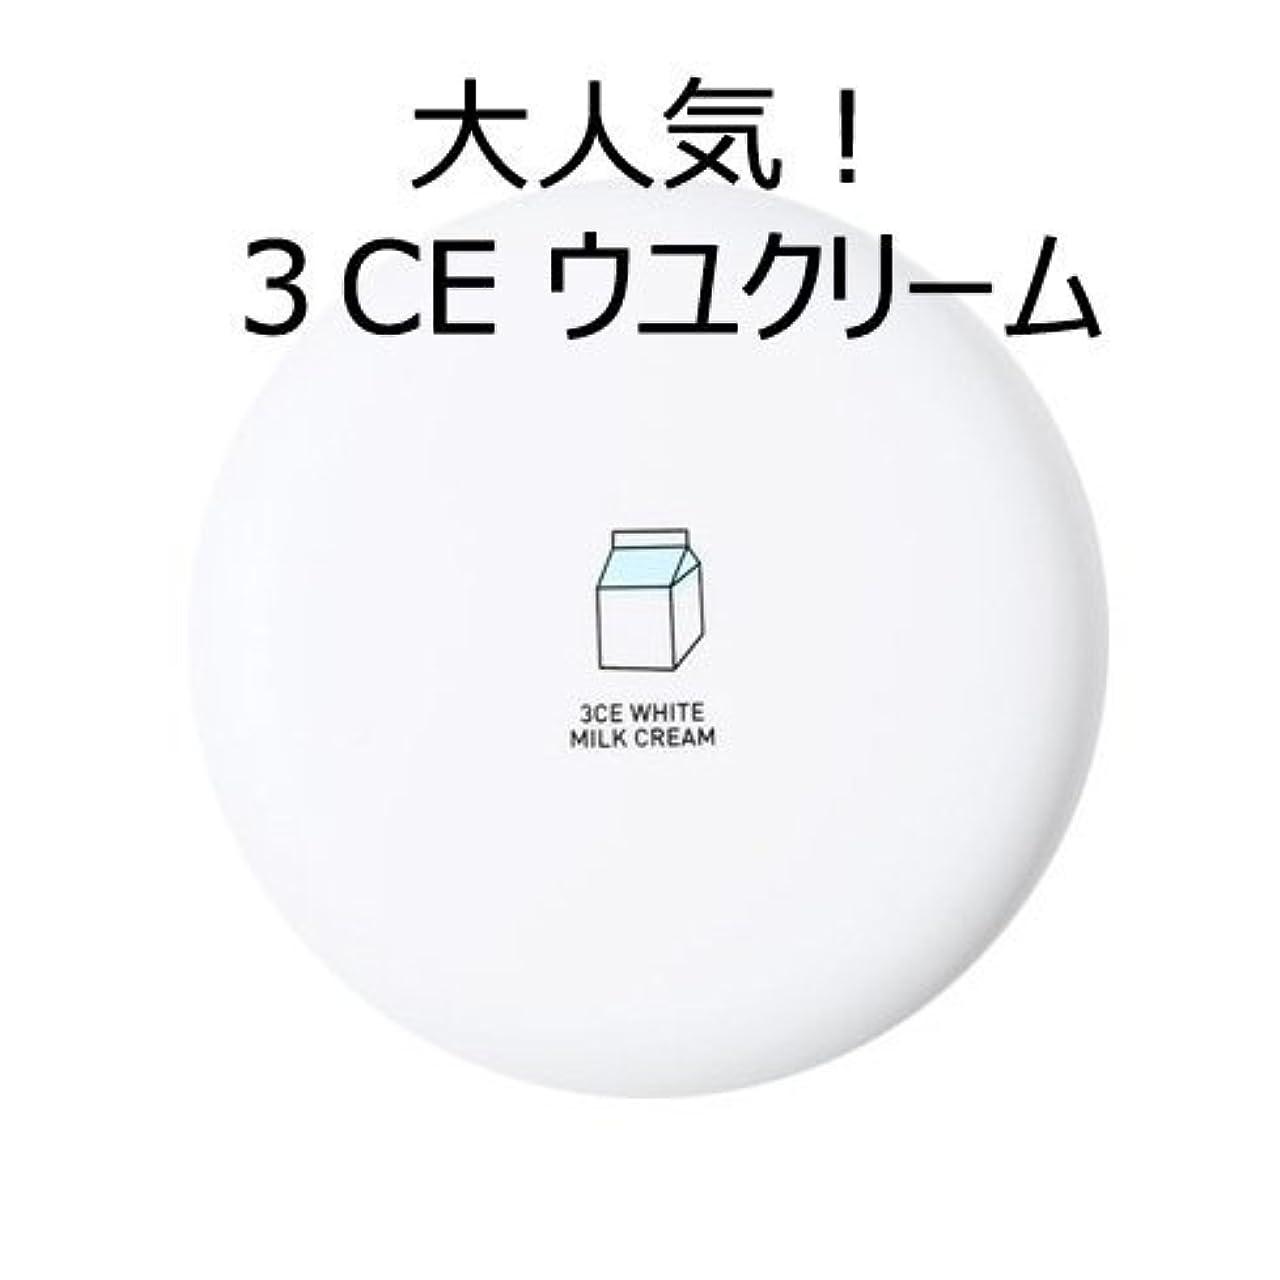 疾患マージあいまいさ[3CE] [大人気!話題のウユクリーム] 3CE White Milk Cream [並行輸入品]